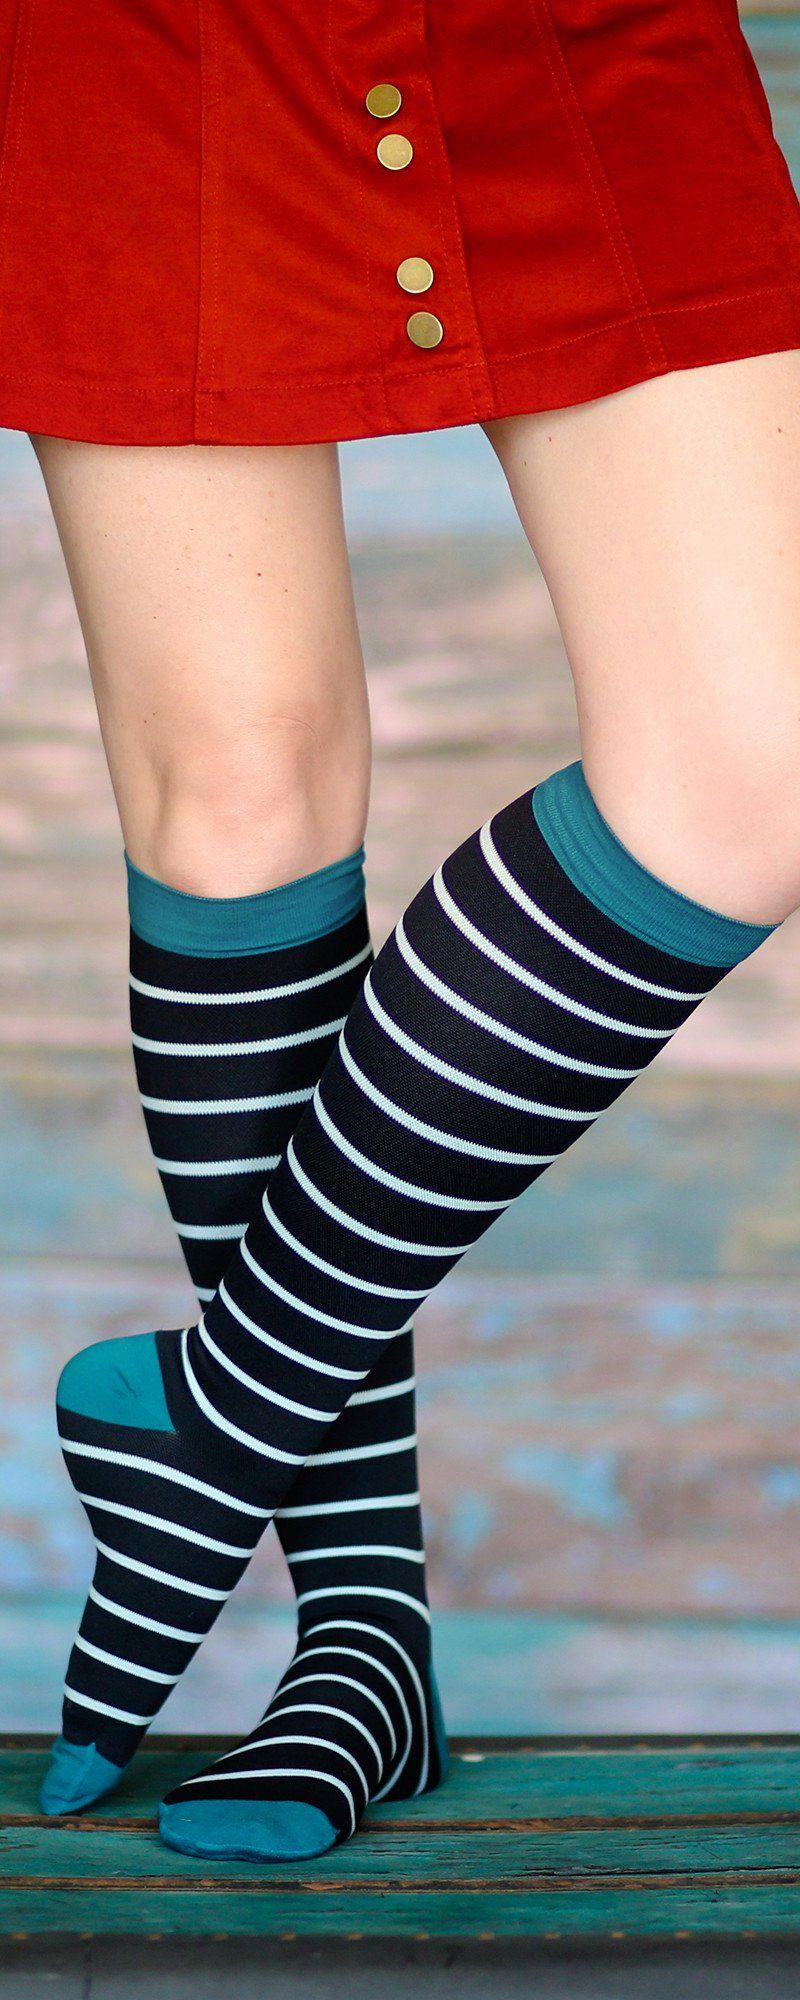 Patterned Compression Socks Custom Inspiration